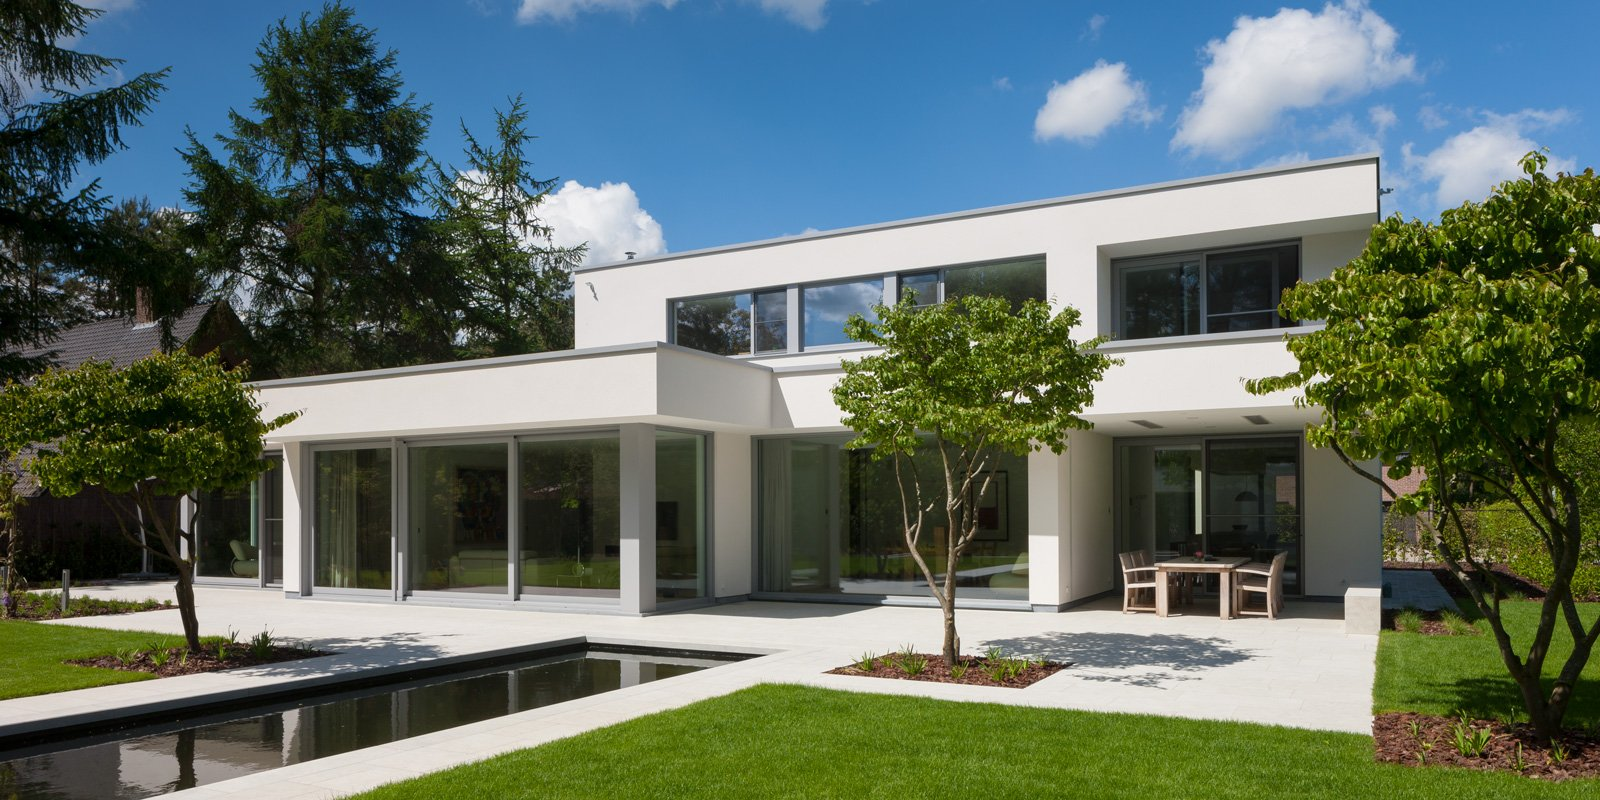 Zelfvoorzienende villa | Anja Vissers